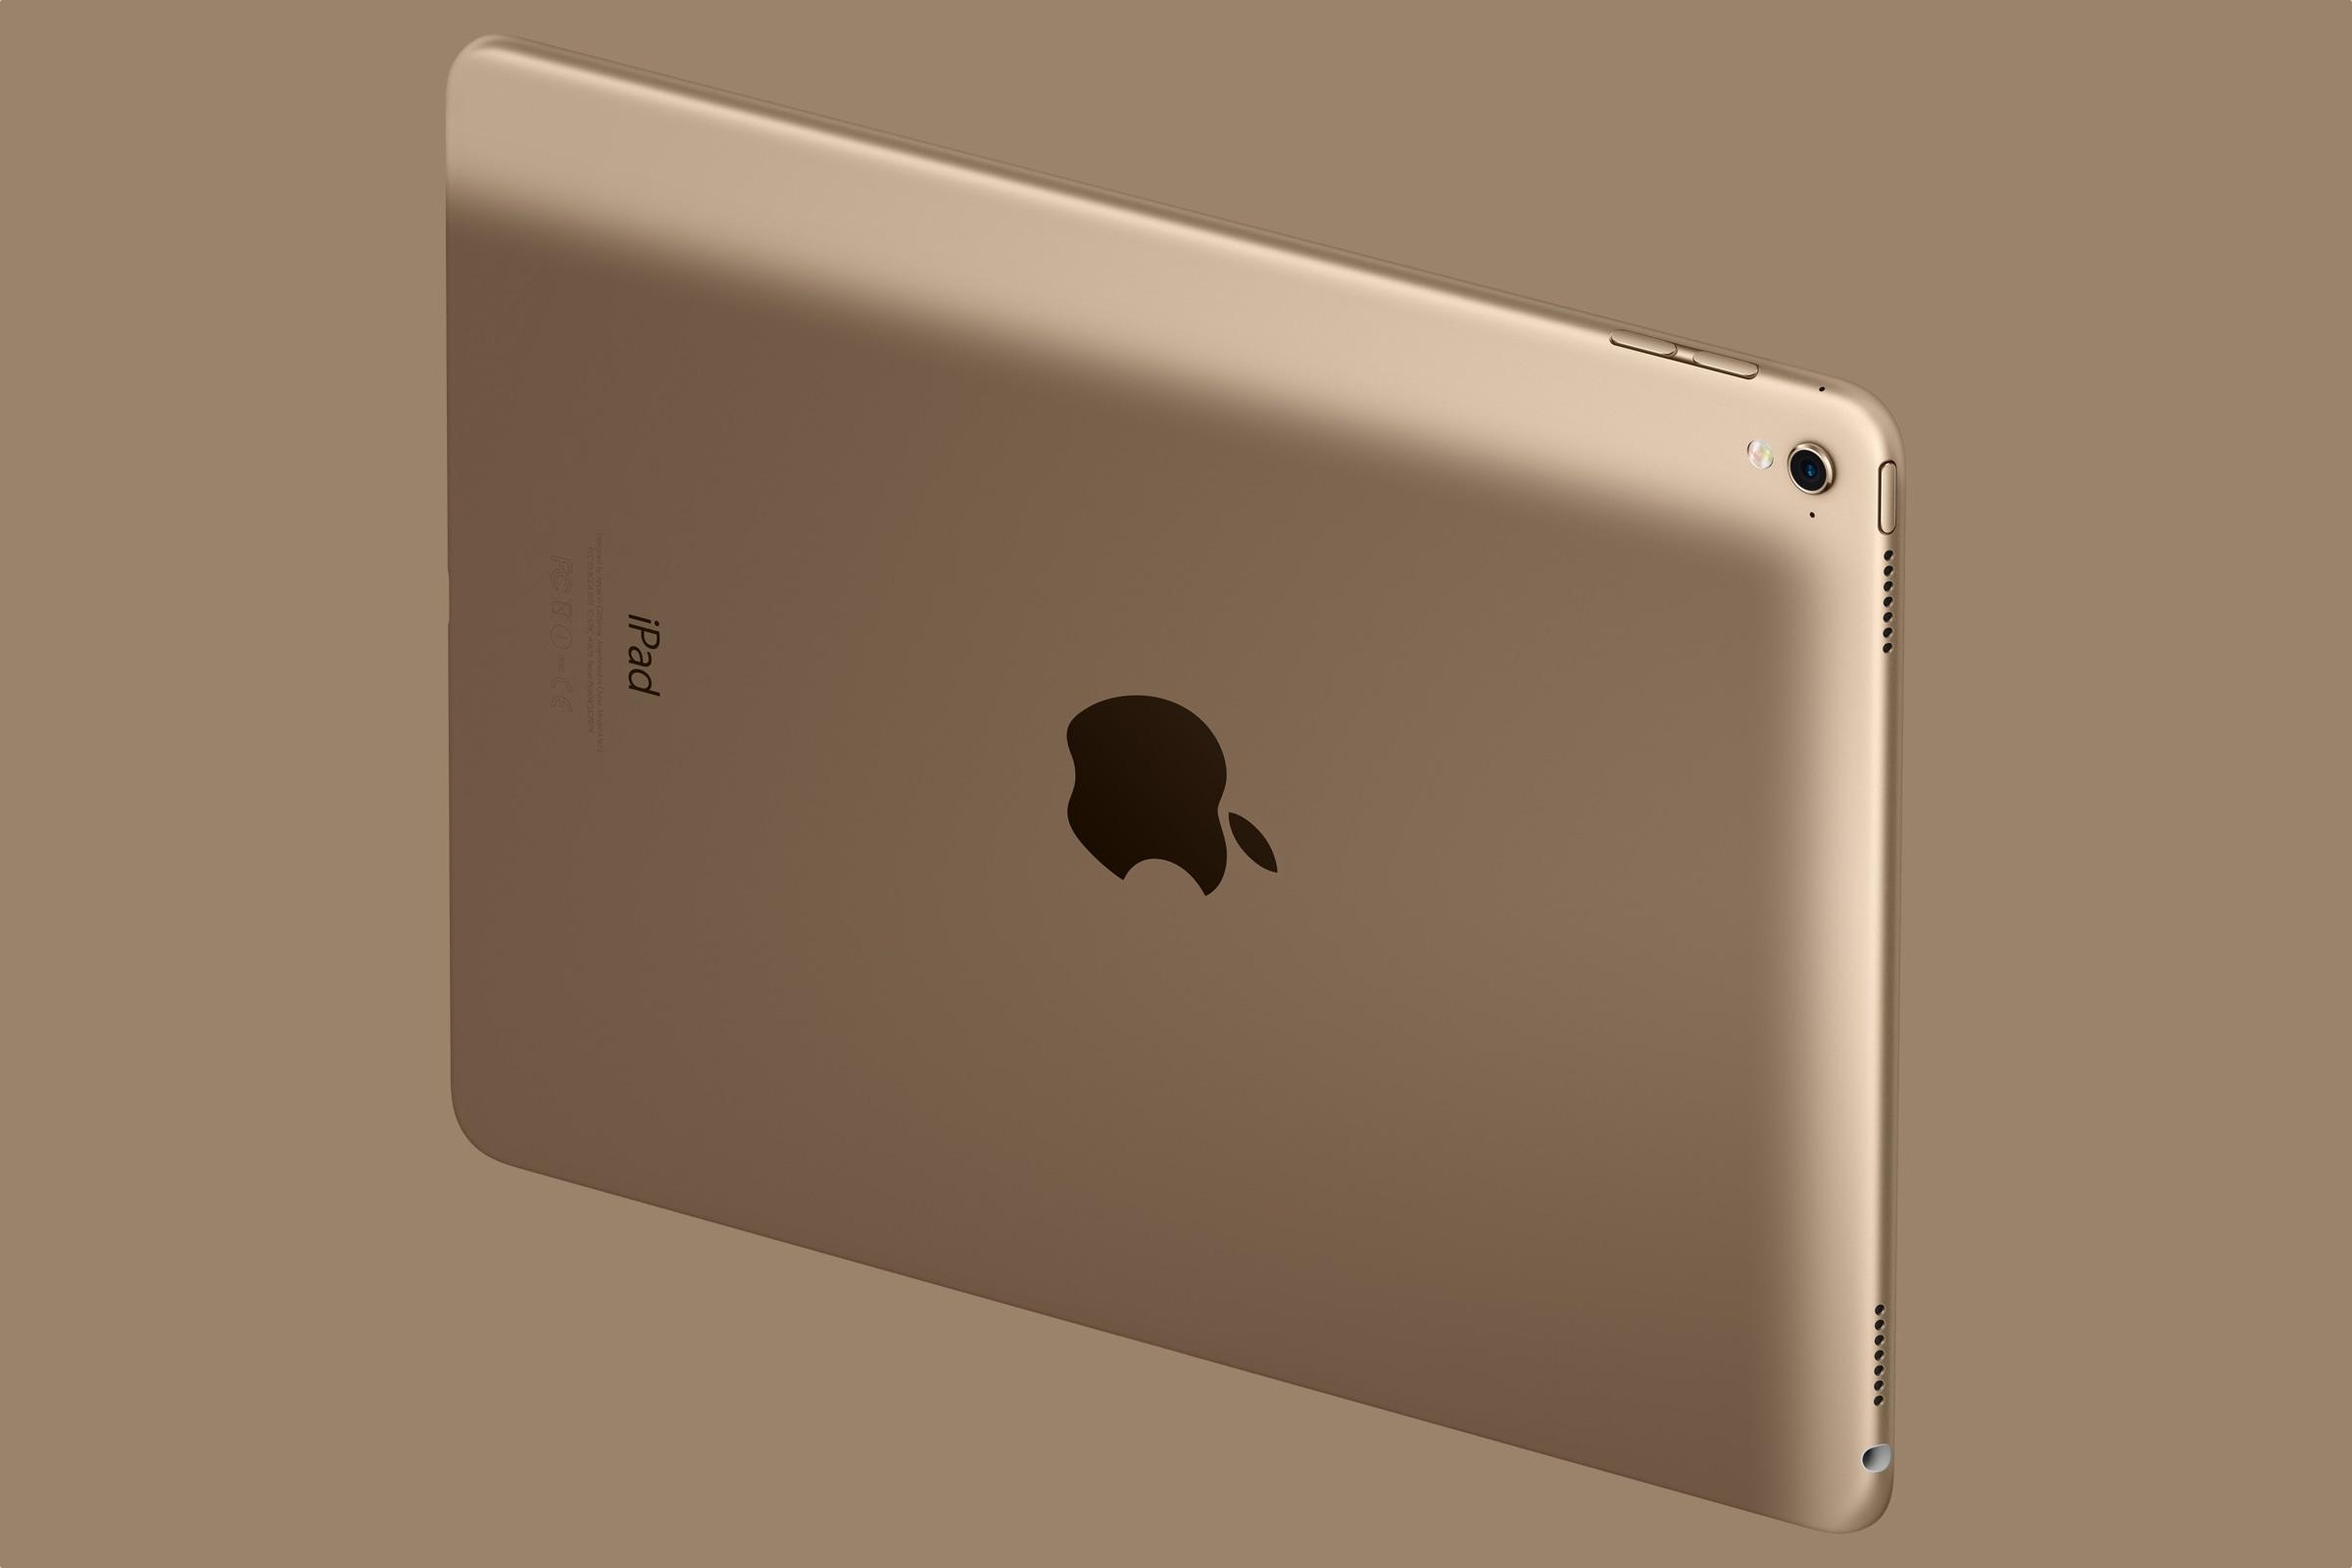 Câmera do iPad Pro de 9,7 polegadas